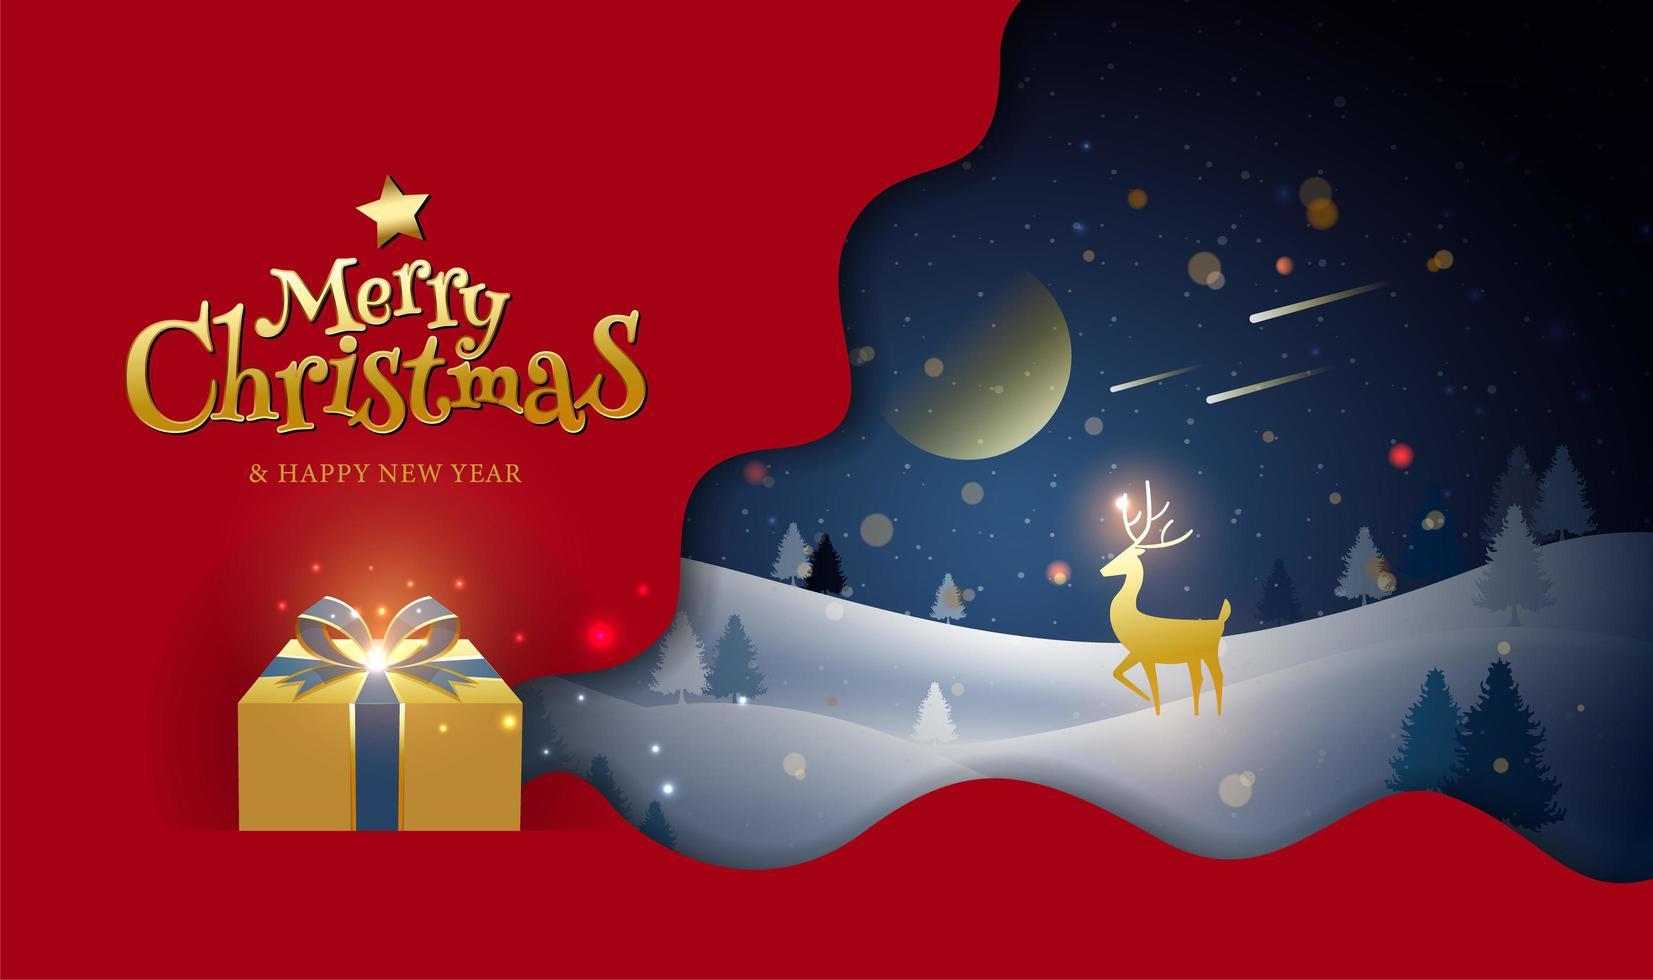 diseño navideño con ciervos en paisaje de invierno y regalo vector